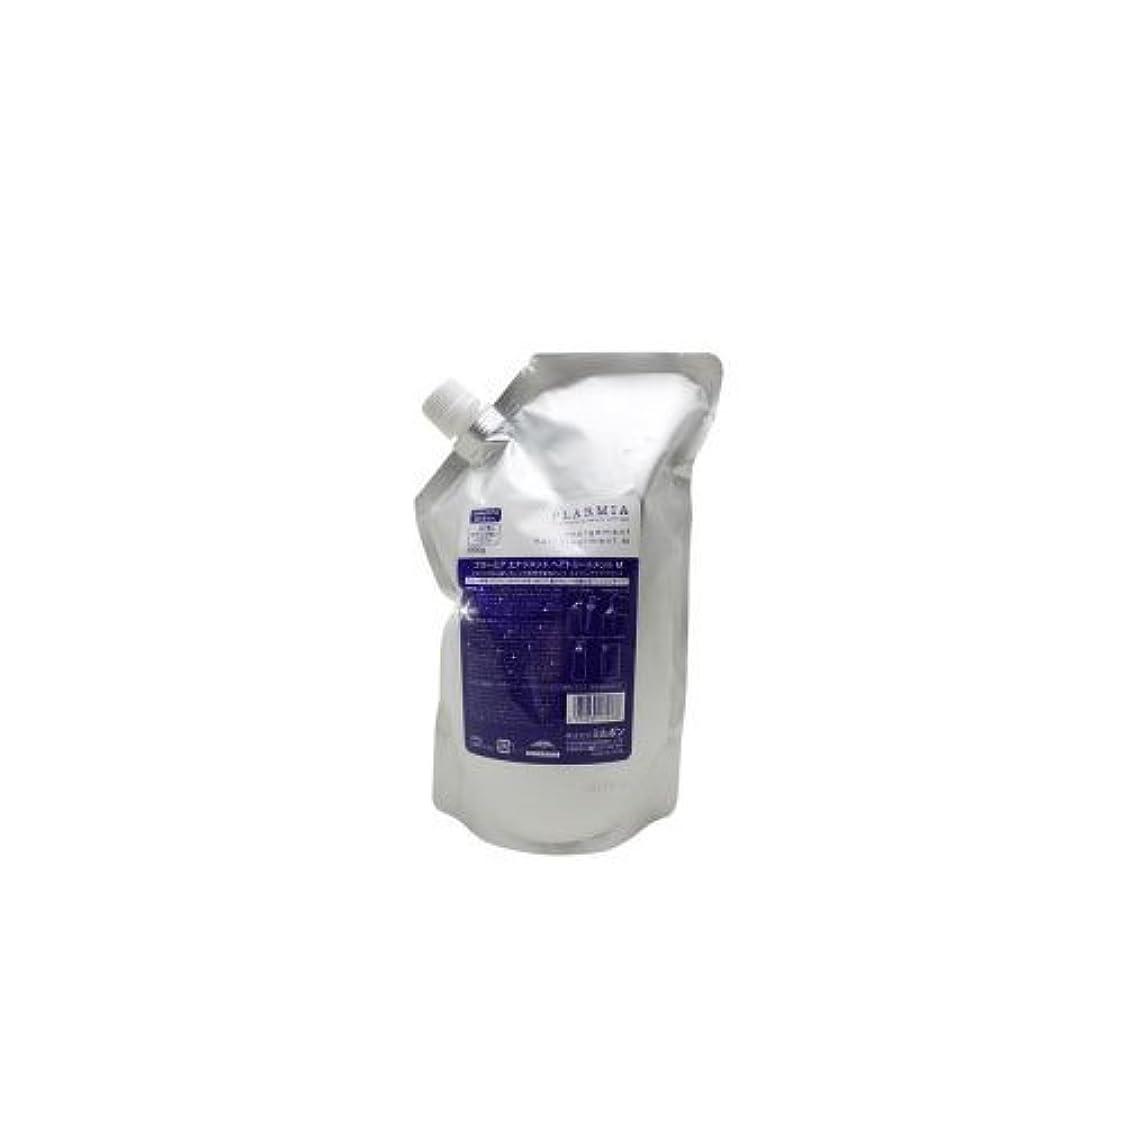 花掃く壮大なミルボン プラーミア エナジメント ヘアトリートメント M 1000g (詰替)